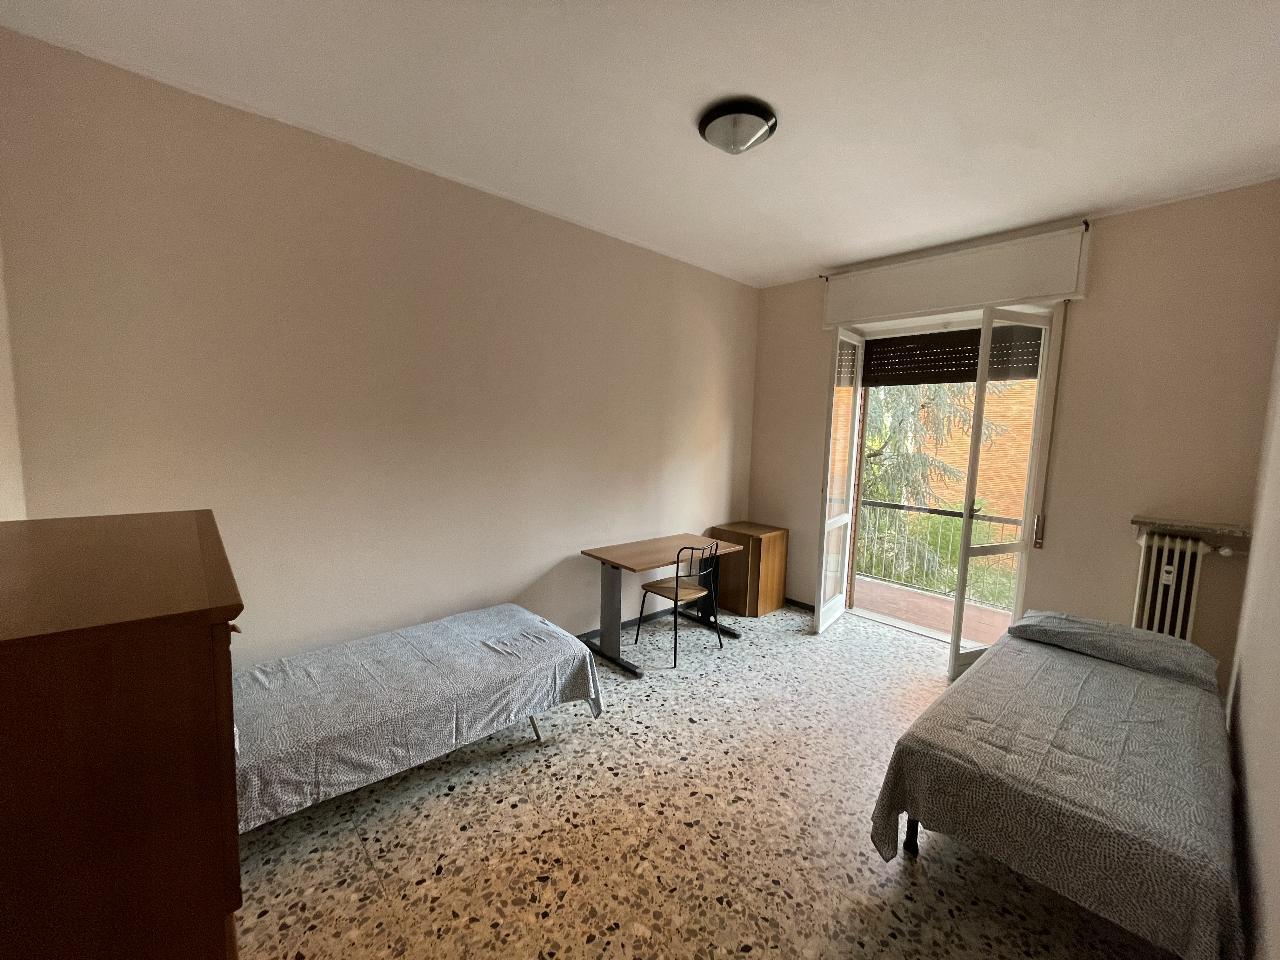 Appartamento CREMONA Euro 39.000,00